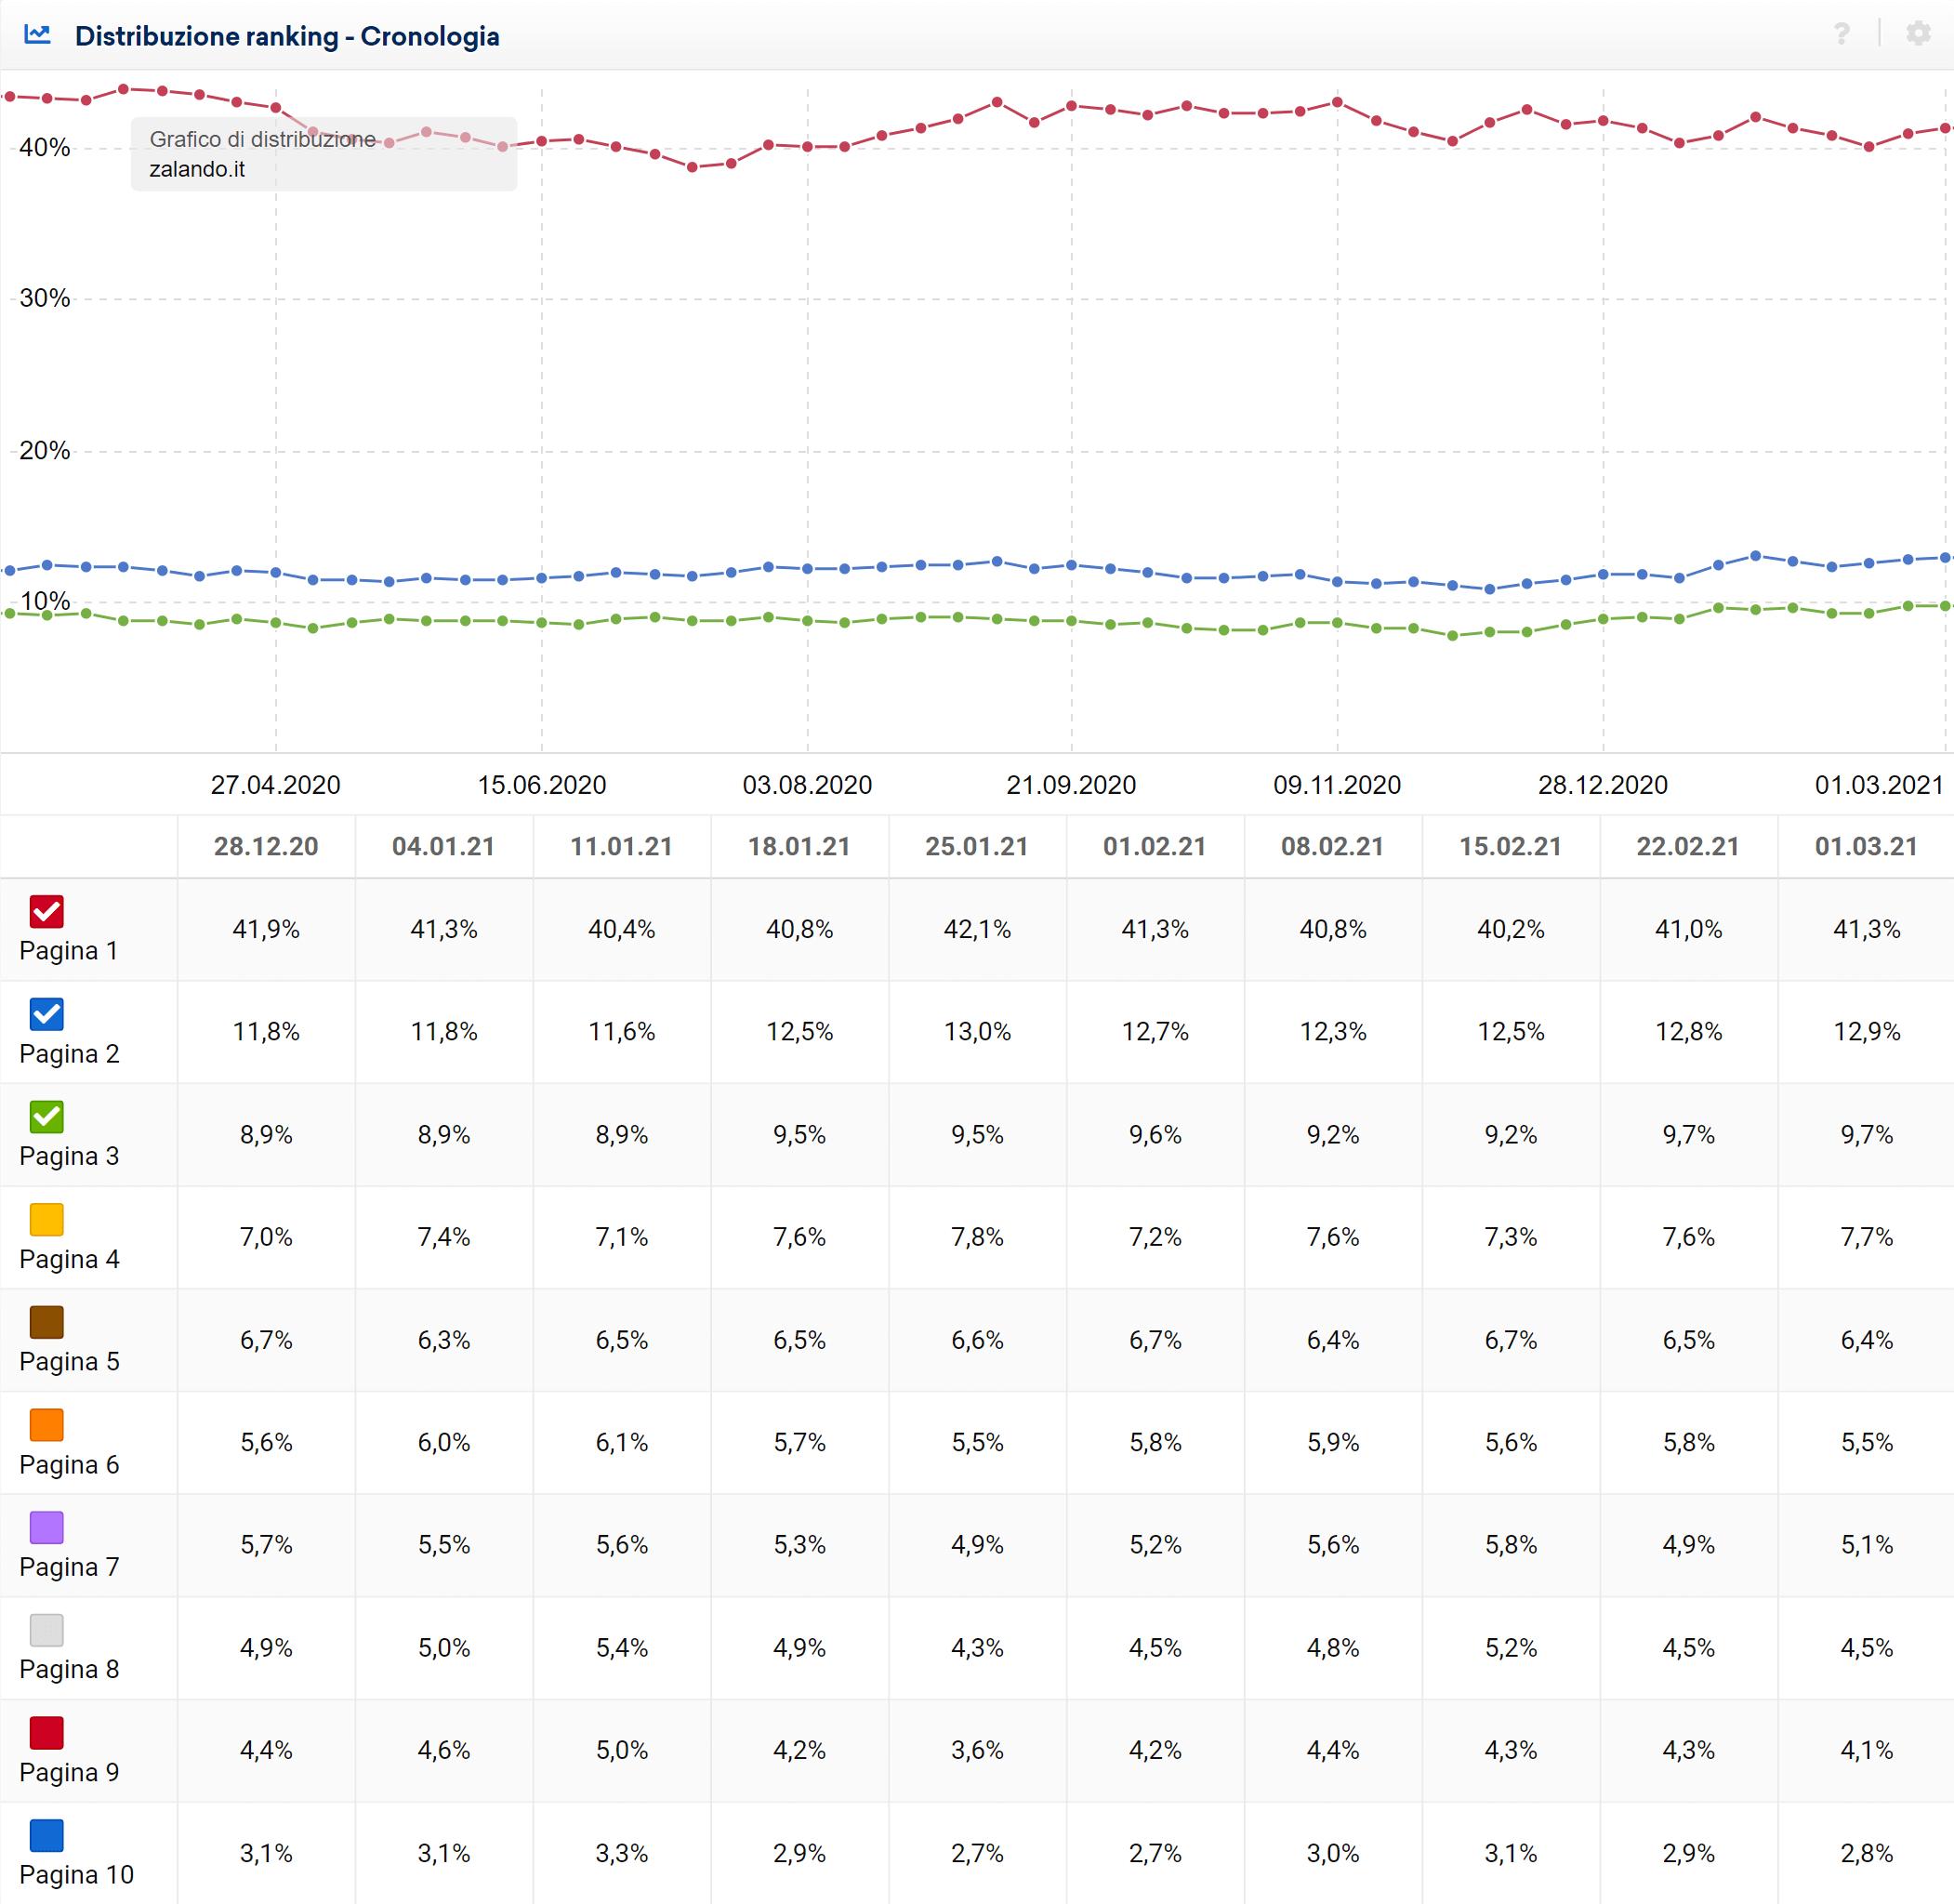 Secondo grafico della distribuzione del ranking